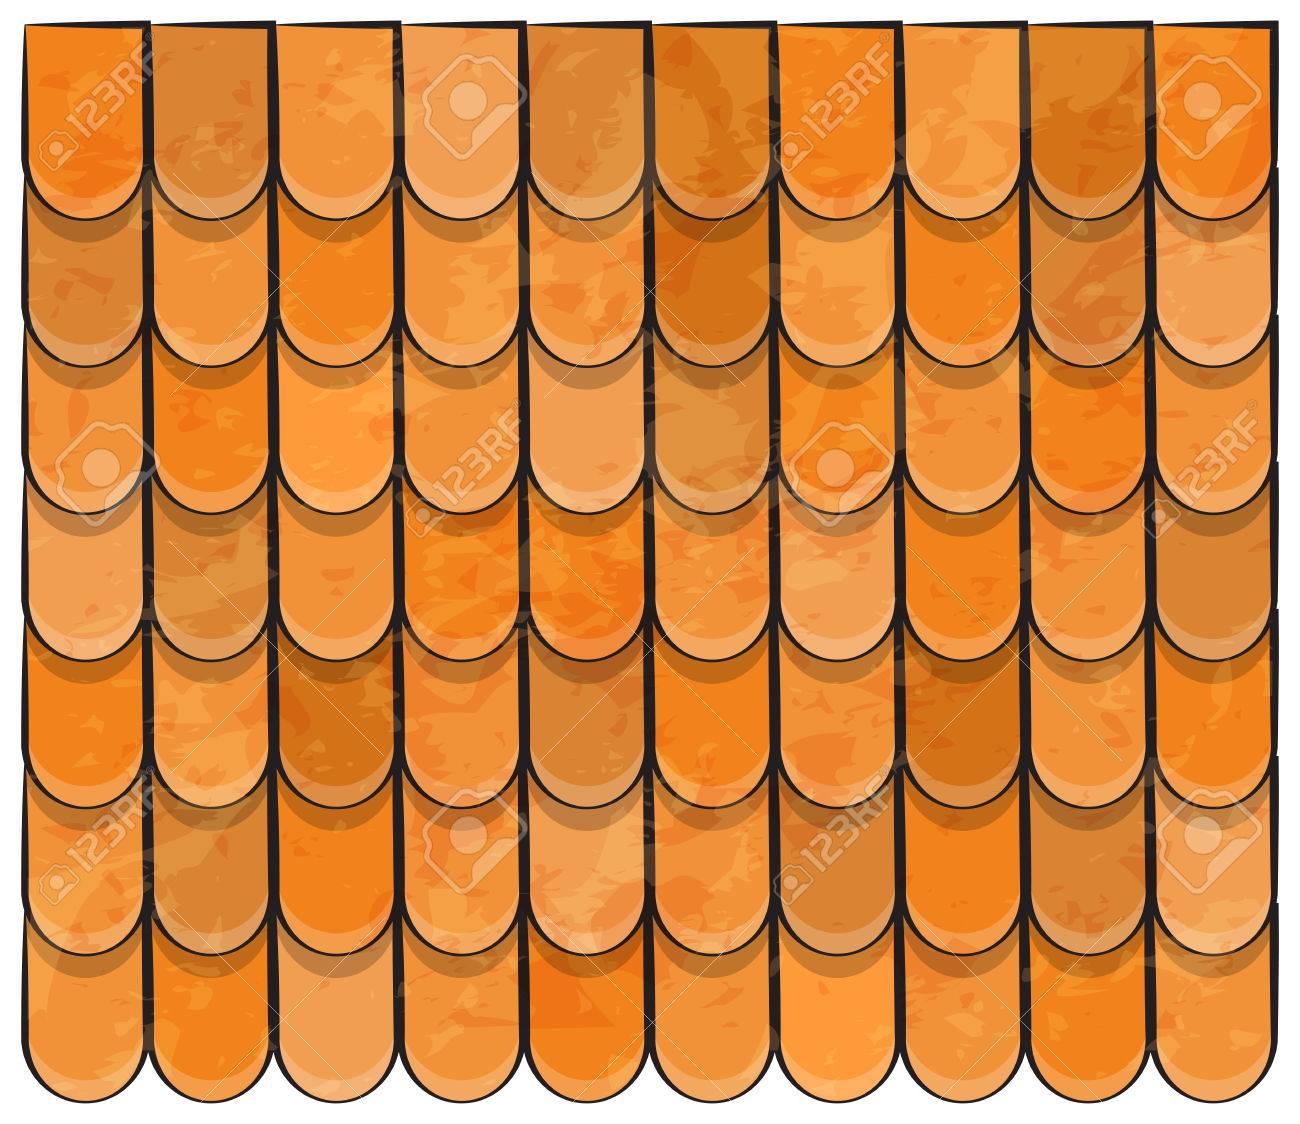 屋根タイルの美しいテクスチャーの壁紙デザイン イラストをバナーの